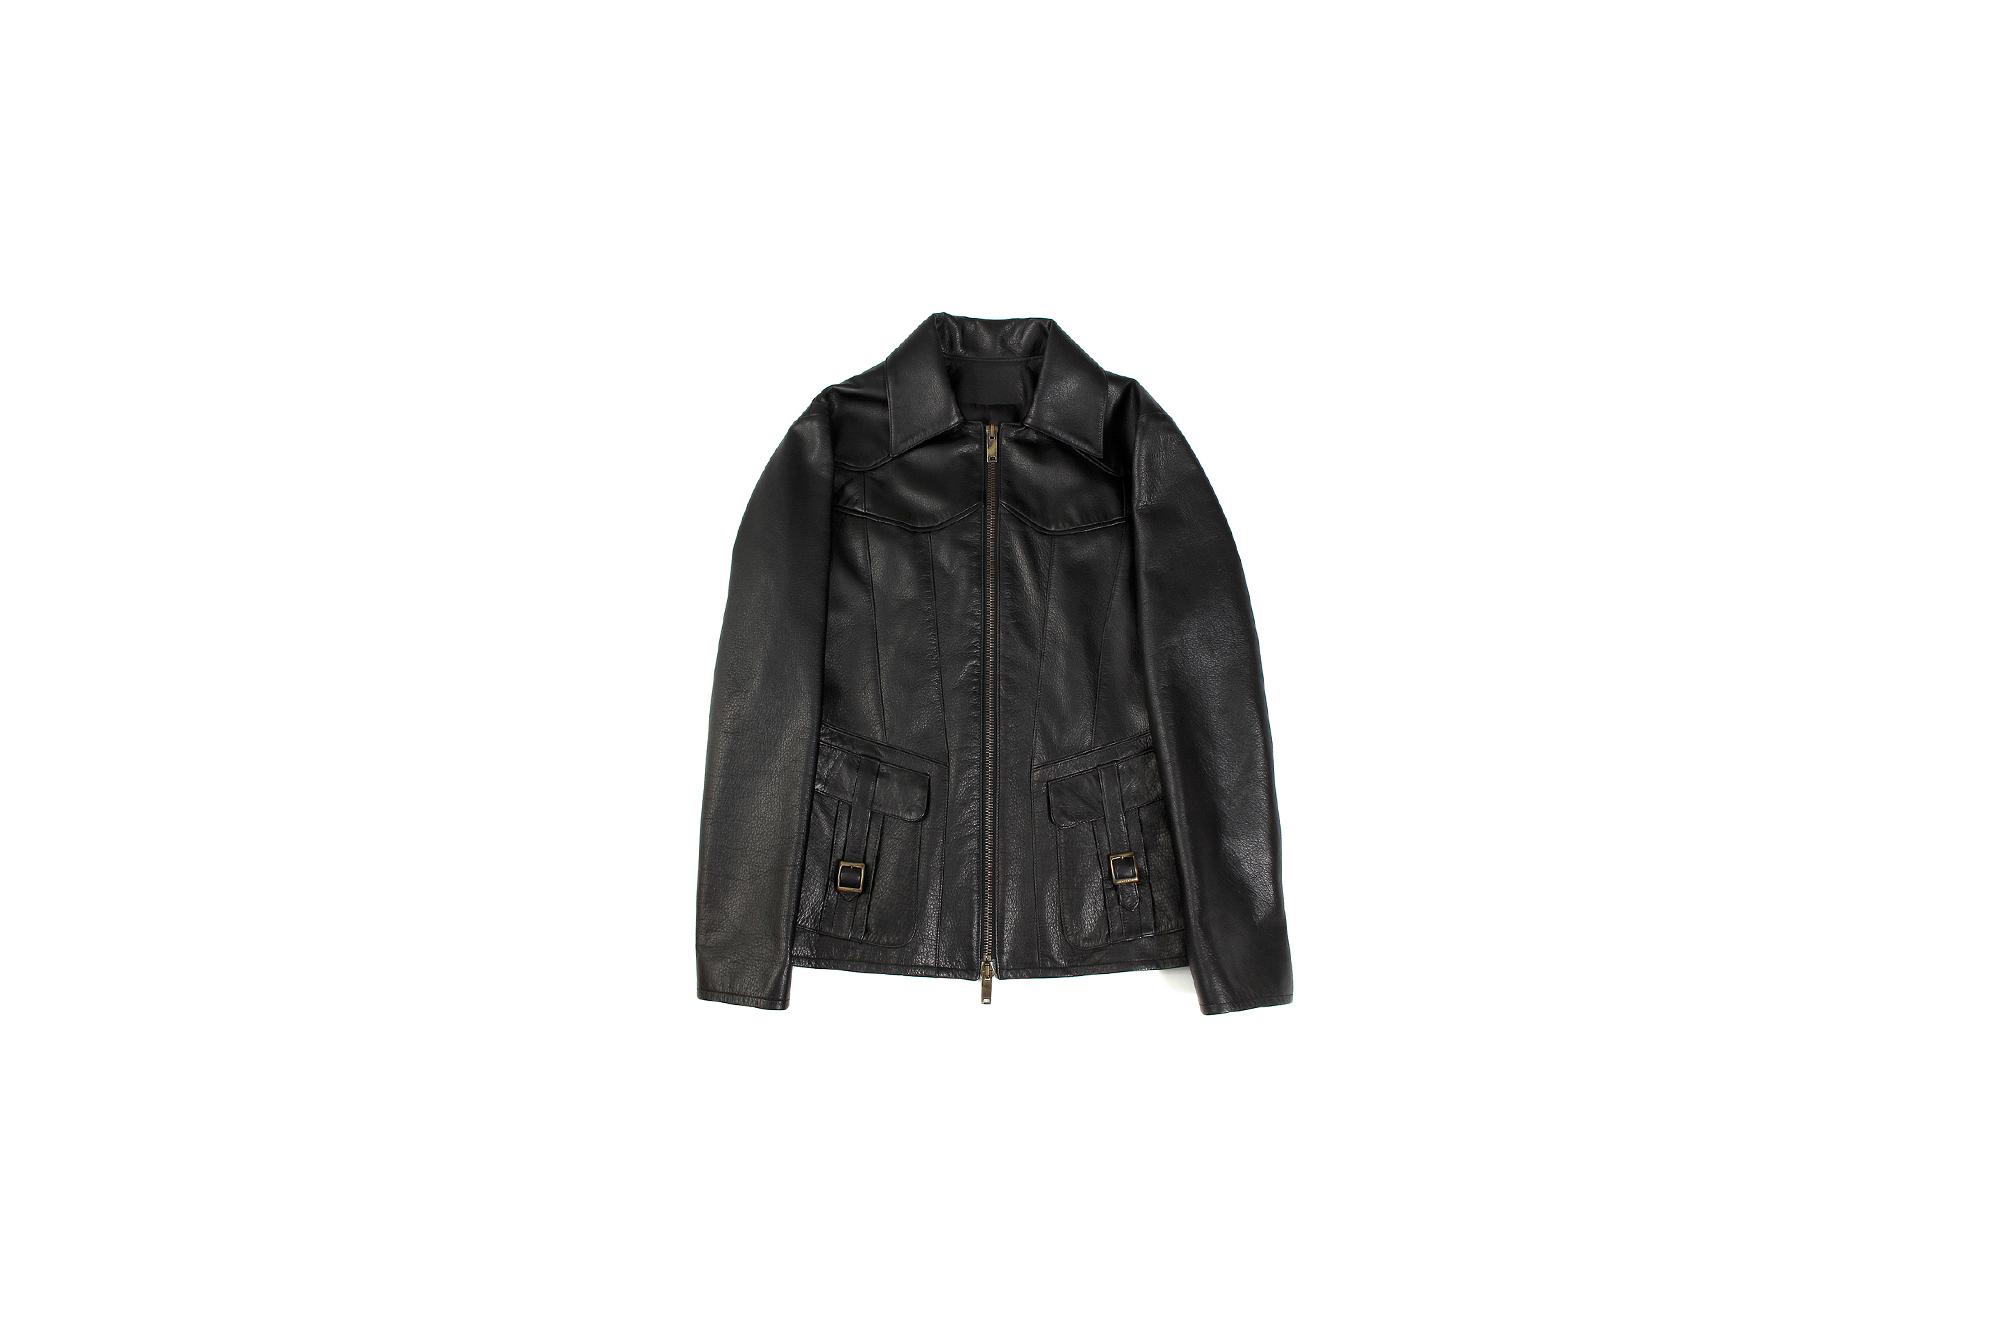 Cuervo (クエルボ) Satisfaction Leather Collection (サティスファクション レザー コレクション) East West(イーストウエスト)  SMOKE(スモーク) BUFFALO LEATHER (バッファロー レザー) レザージャケット BLACK(ブラック) MADE IN JAPAN (日本製) 2019 秋冬新作 【入荷しました】【フリー分発売開始】 愛知 名古屋 altoediritto アルトエデリット 洋服屋 レザージャケット サウスパラディソ eastwest